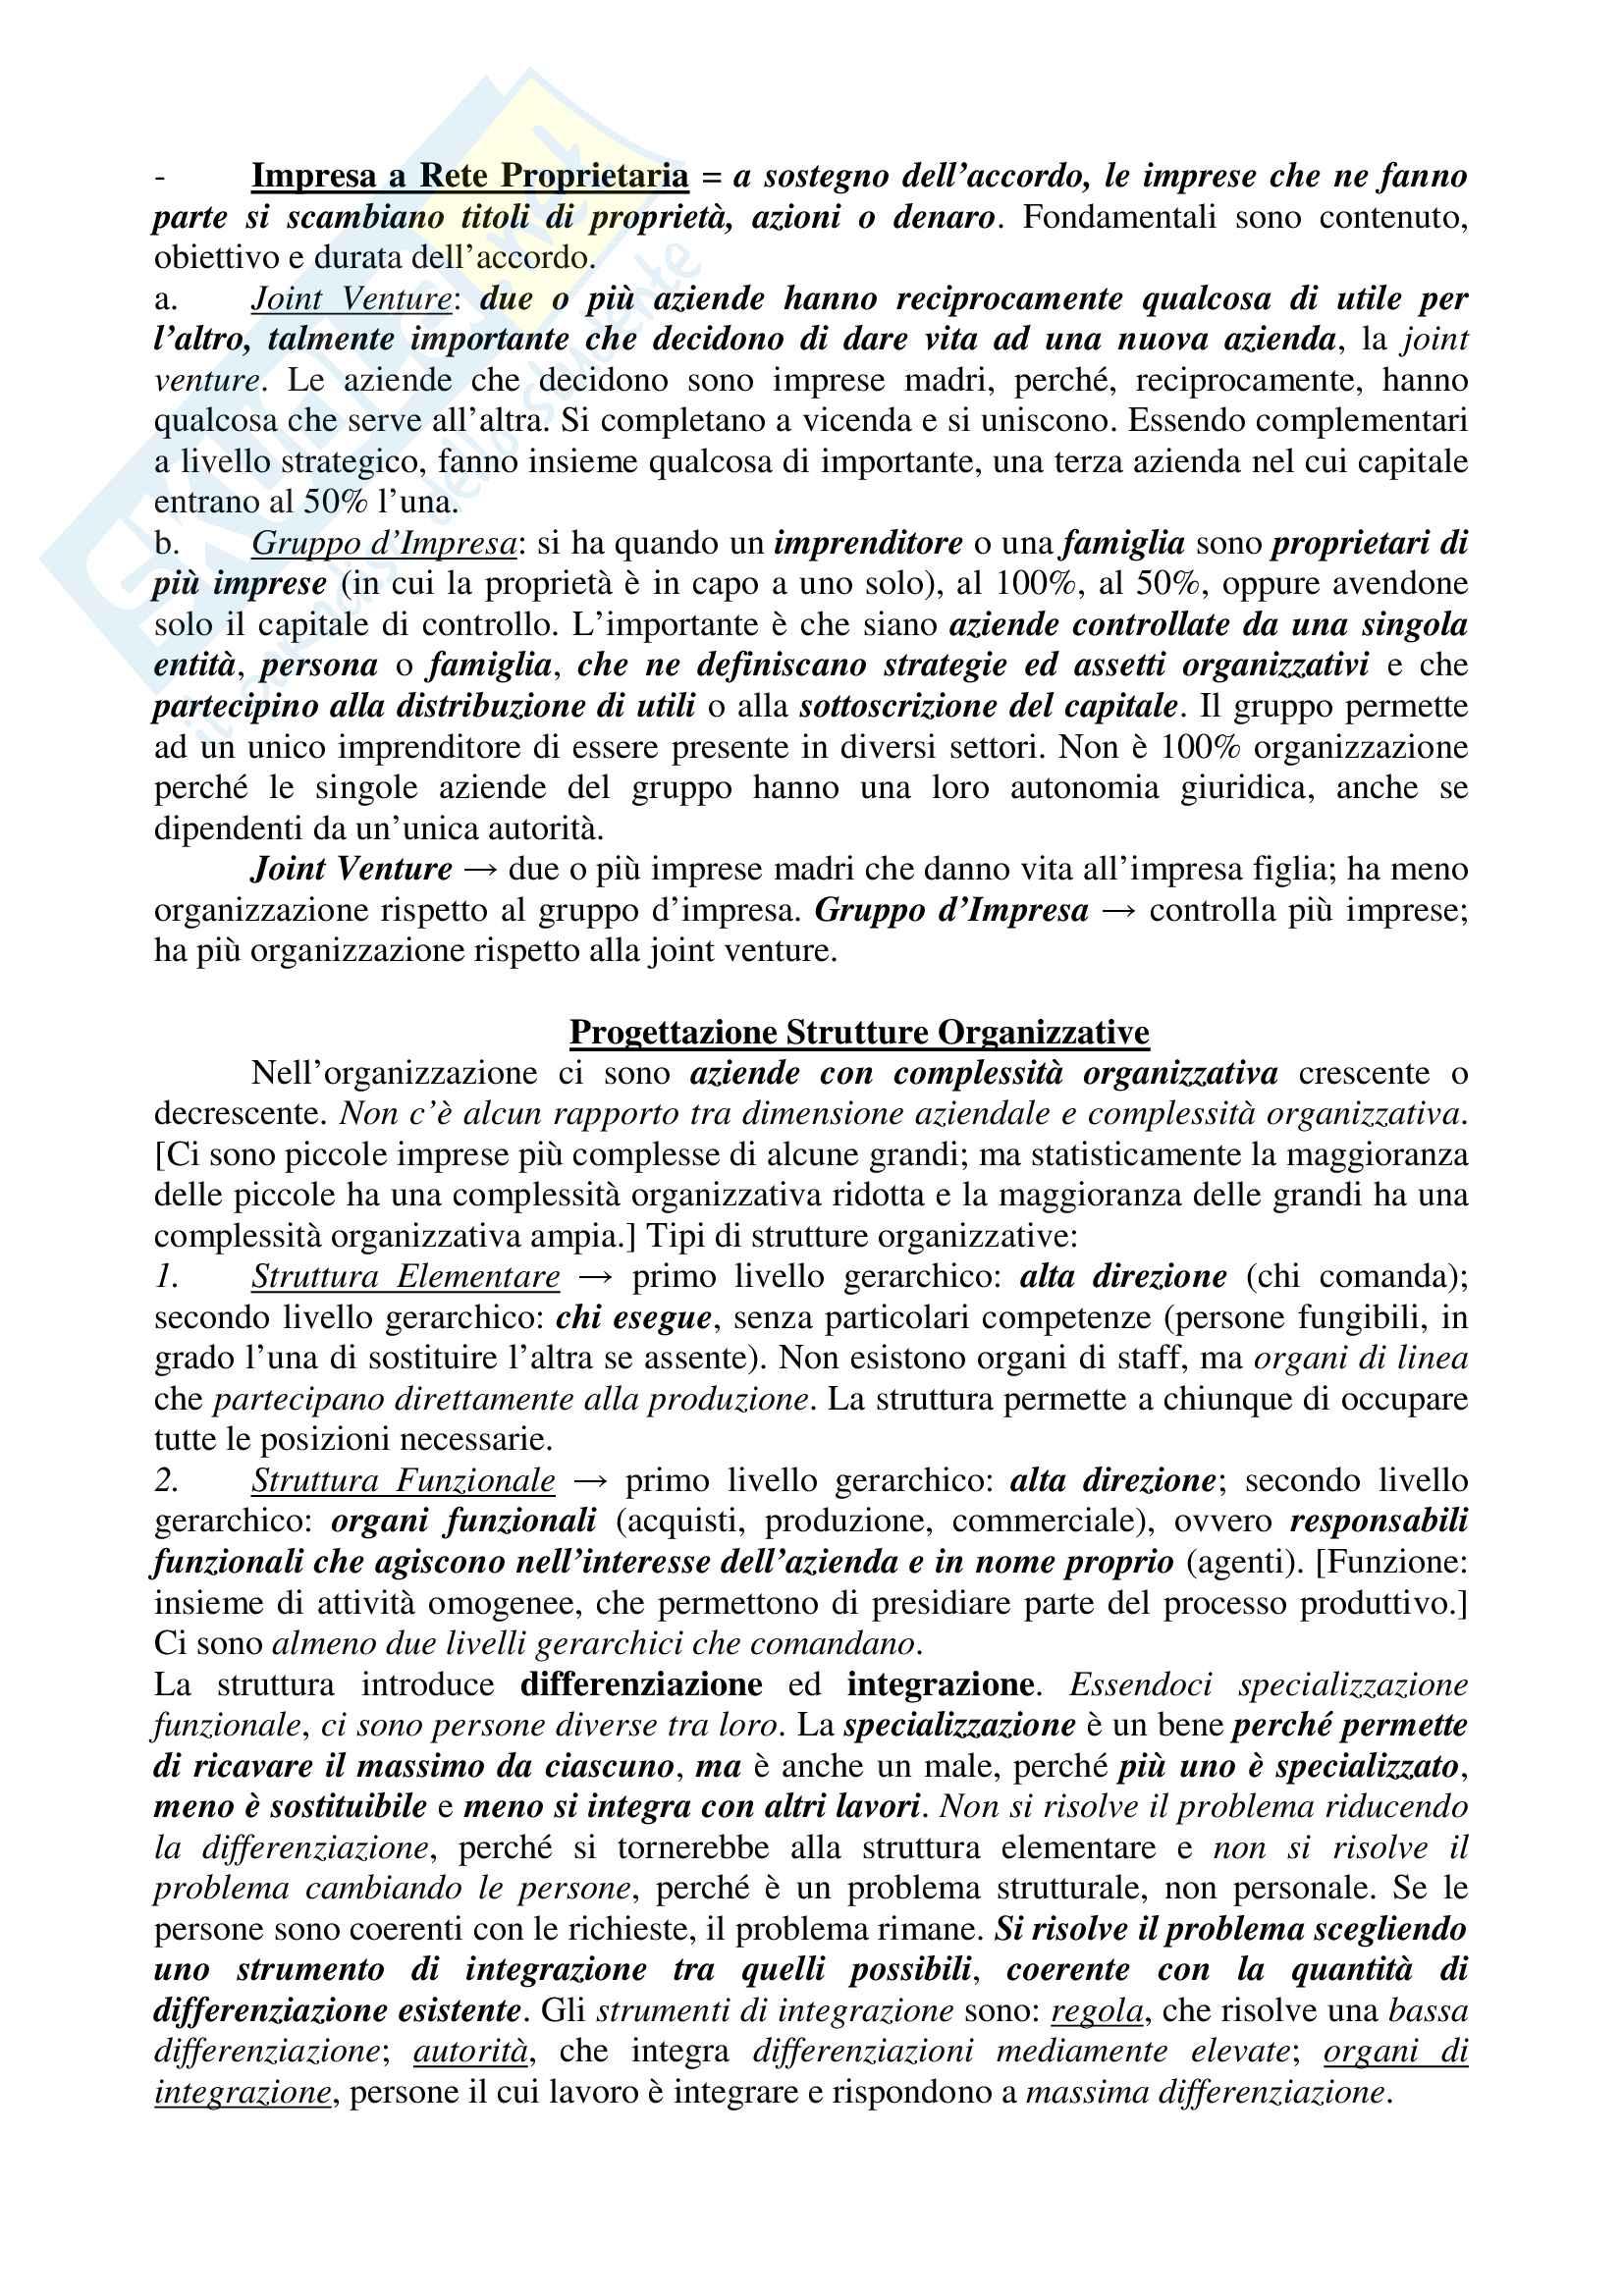 Appunti - Organizzazione Aziendale Pag. 16